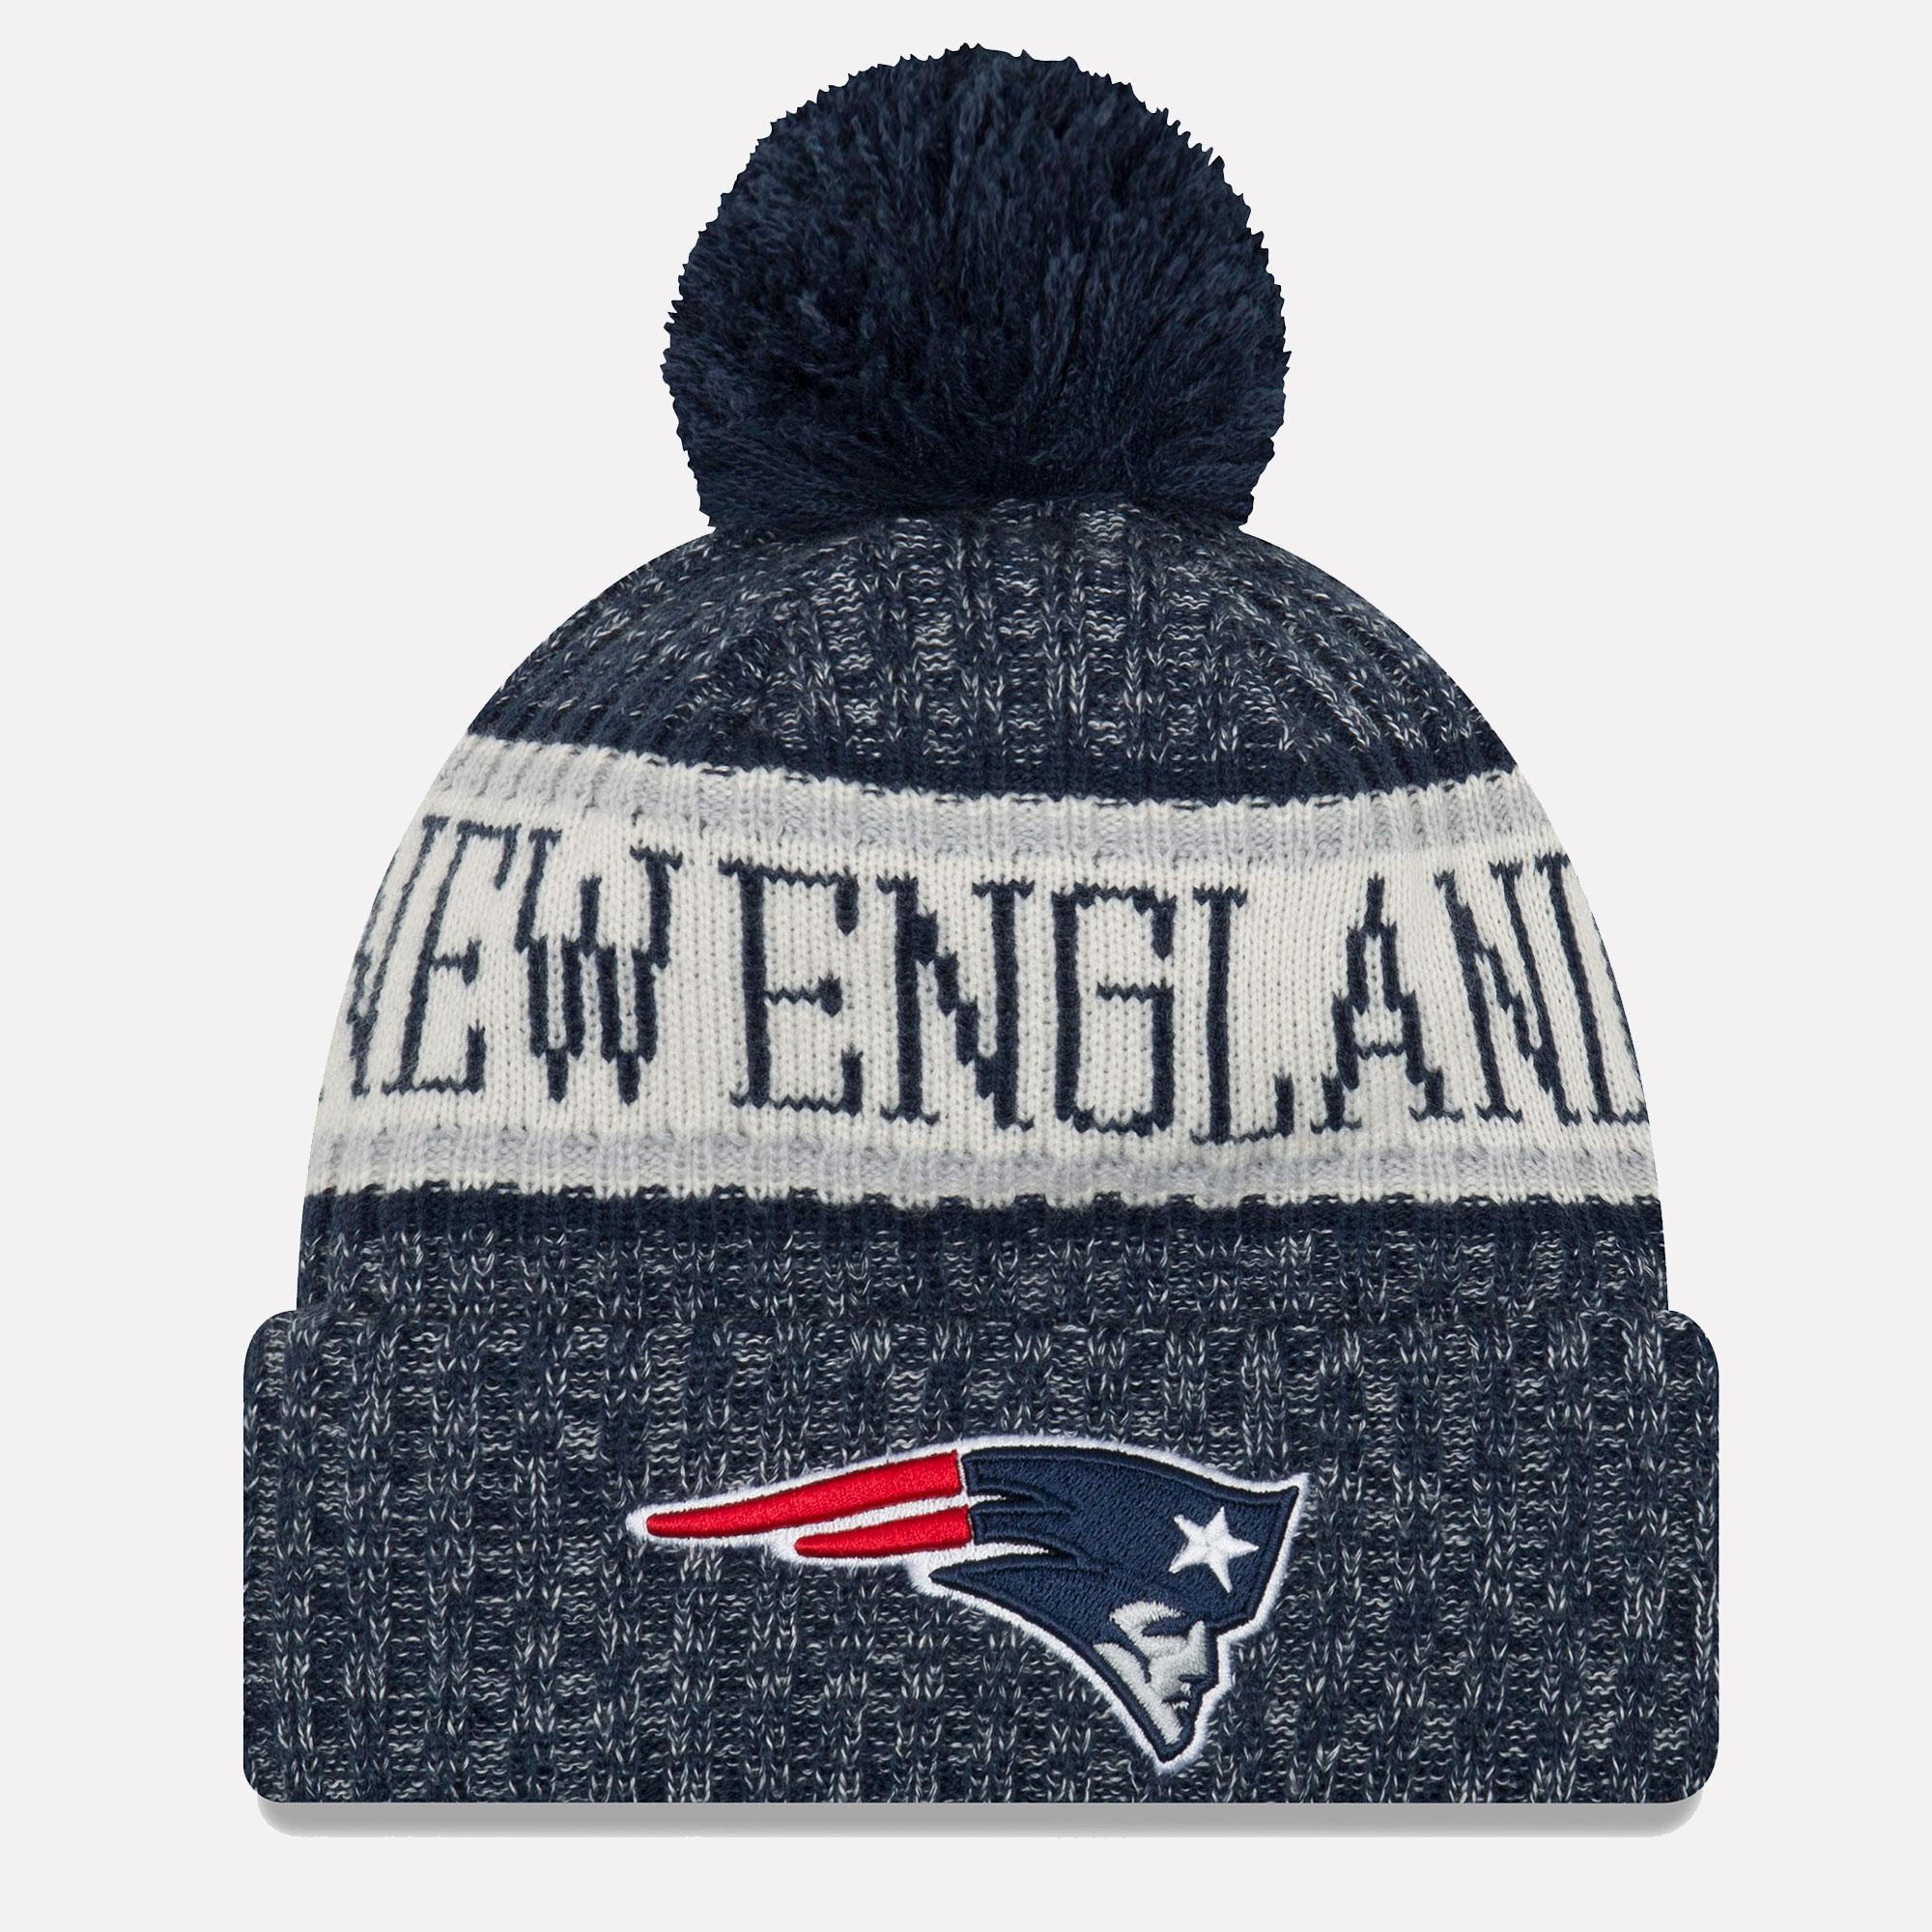 2dc89a65a18785 New Era NFL Sideline Beanie 18/19 Winter Hat Cap Seattle Seahawks ...